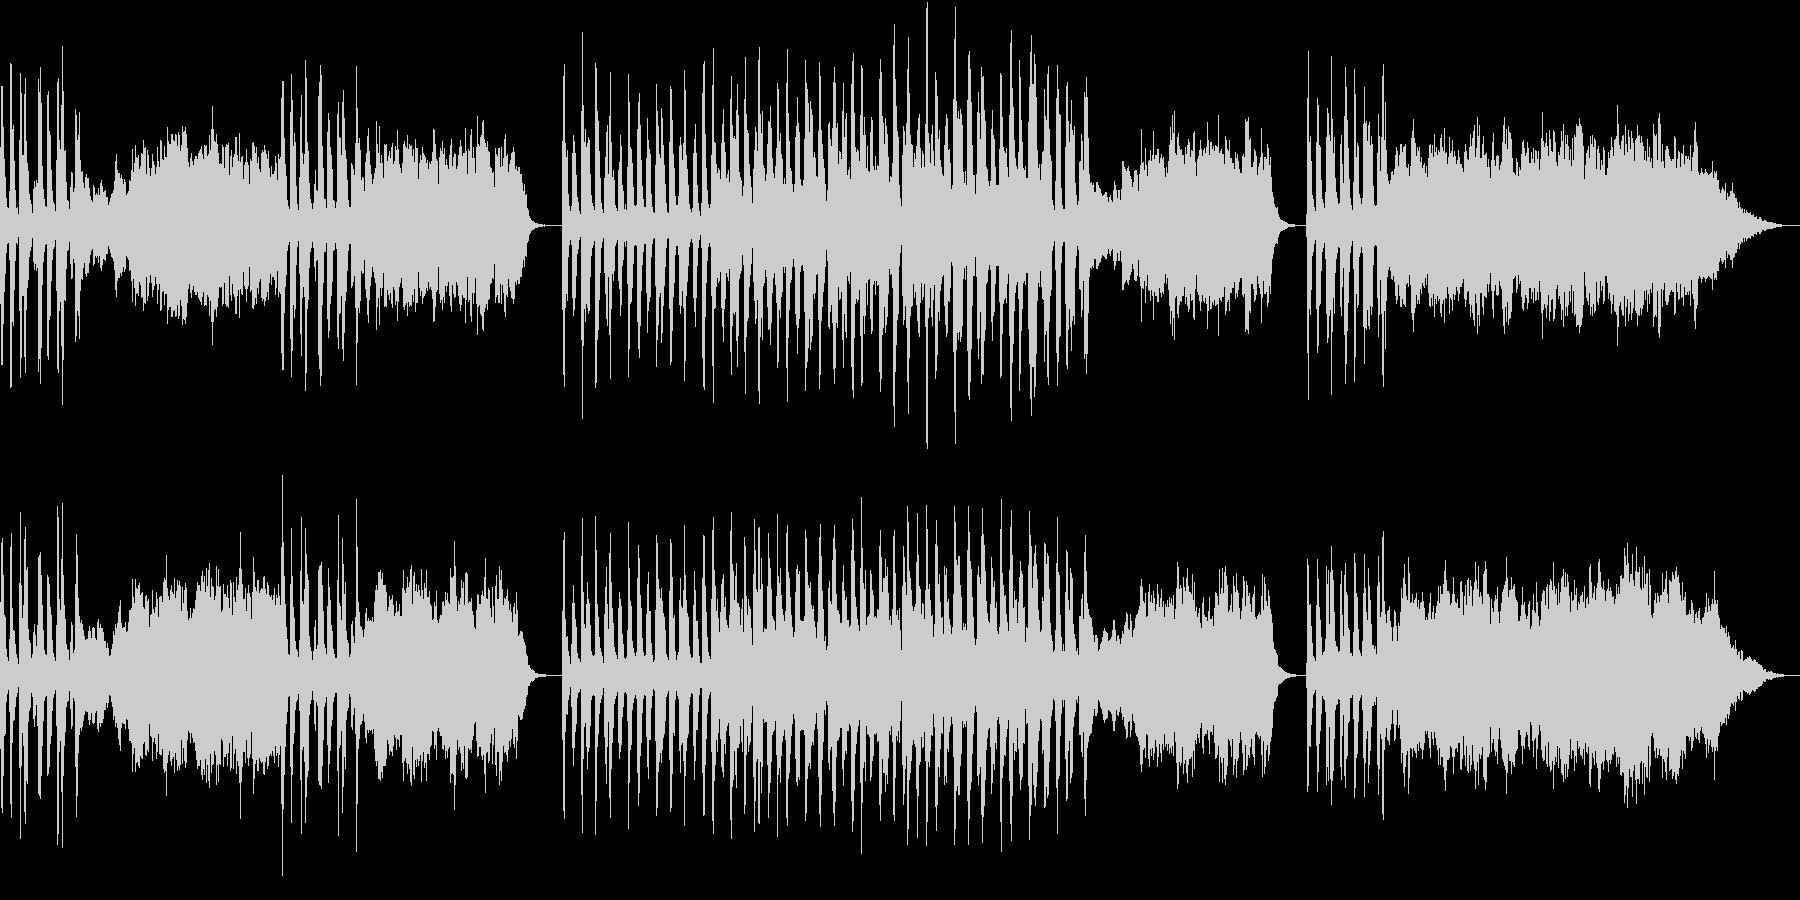 ストリングスとチェンバロのやや暗めな曲の未再生の波形